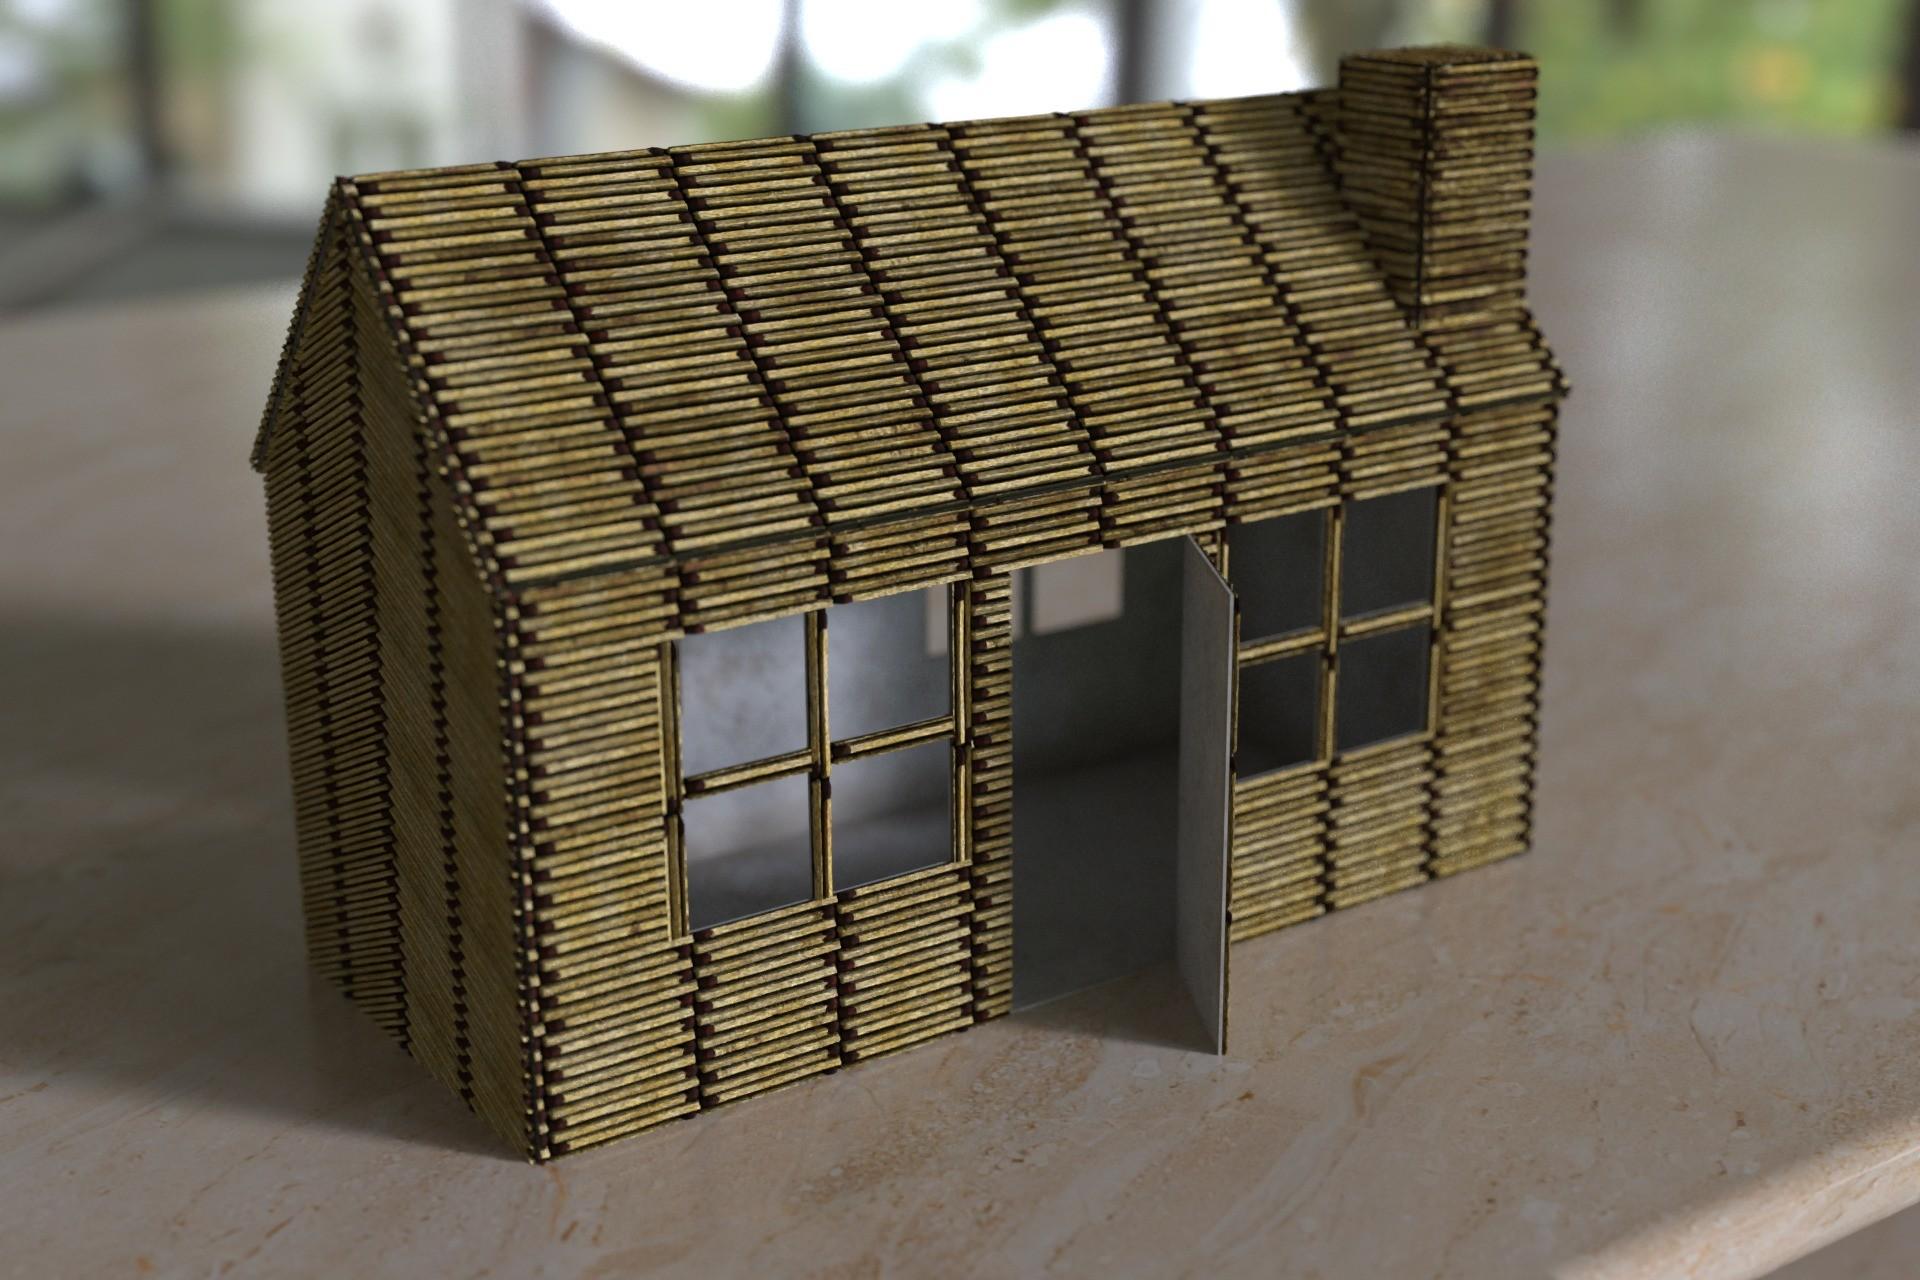 Cem tezcan matchstick house r1 00004